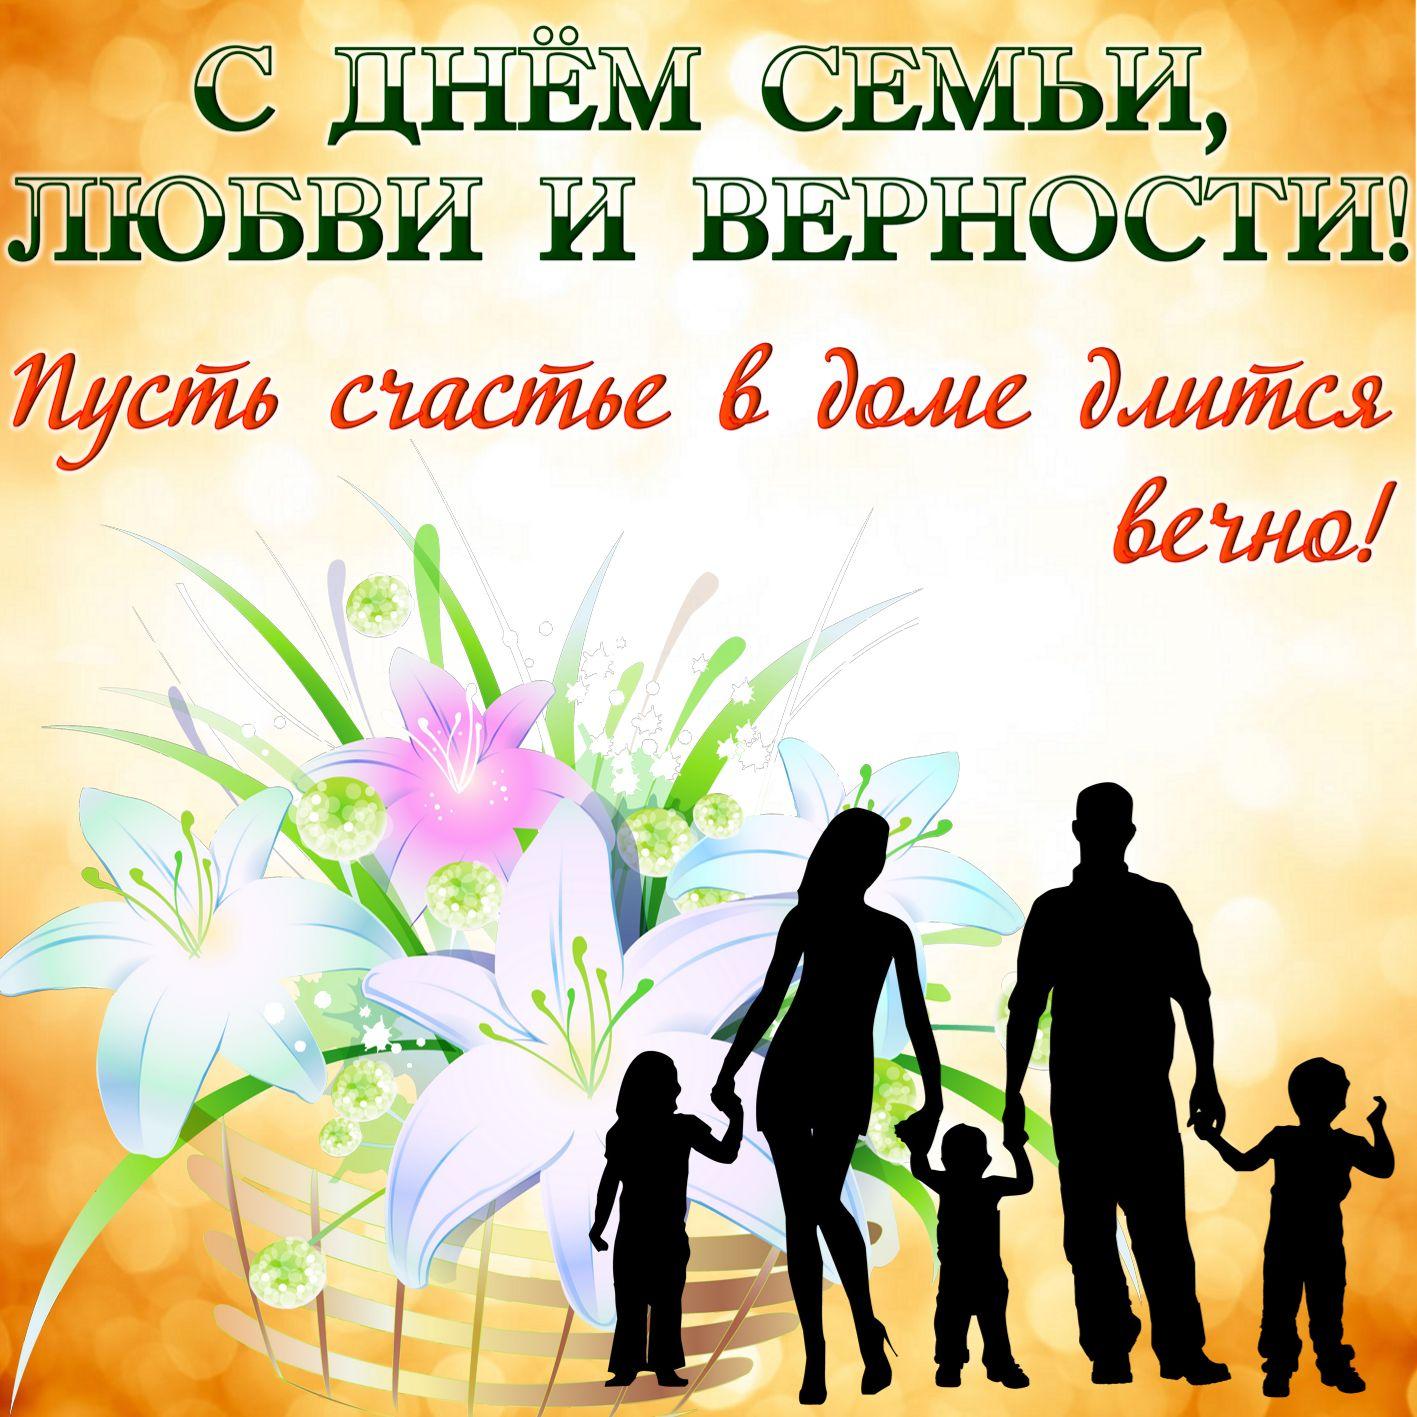 Открытки в праздник семьи